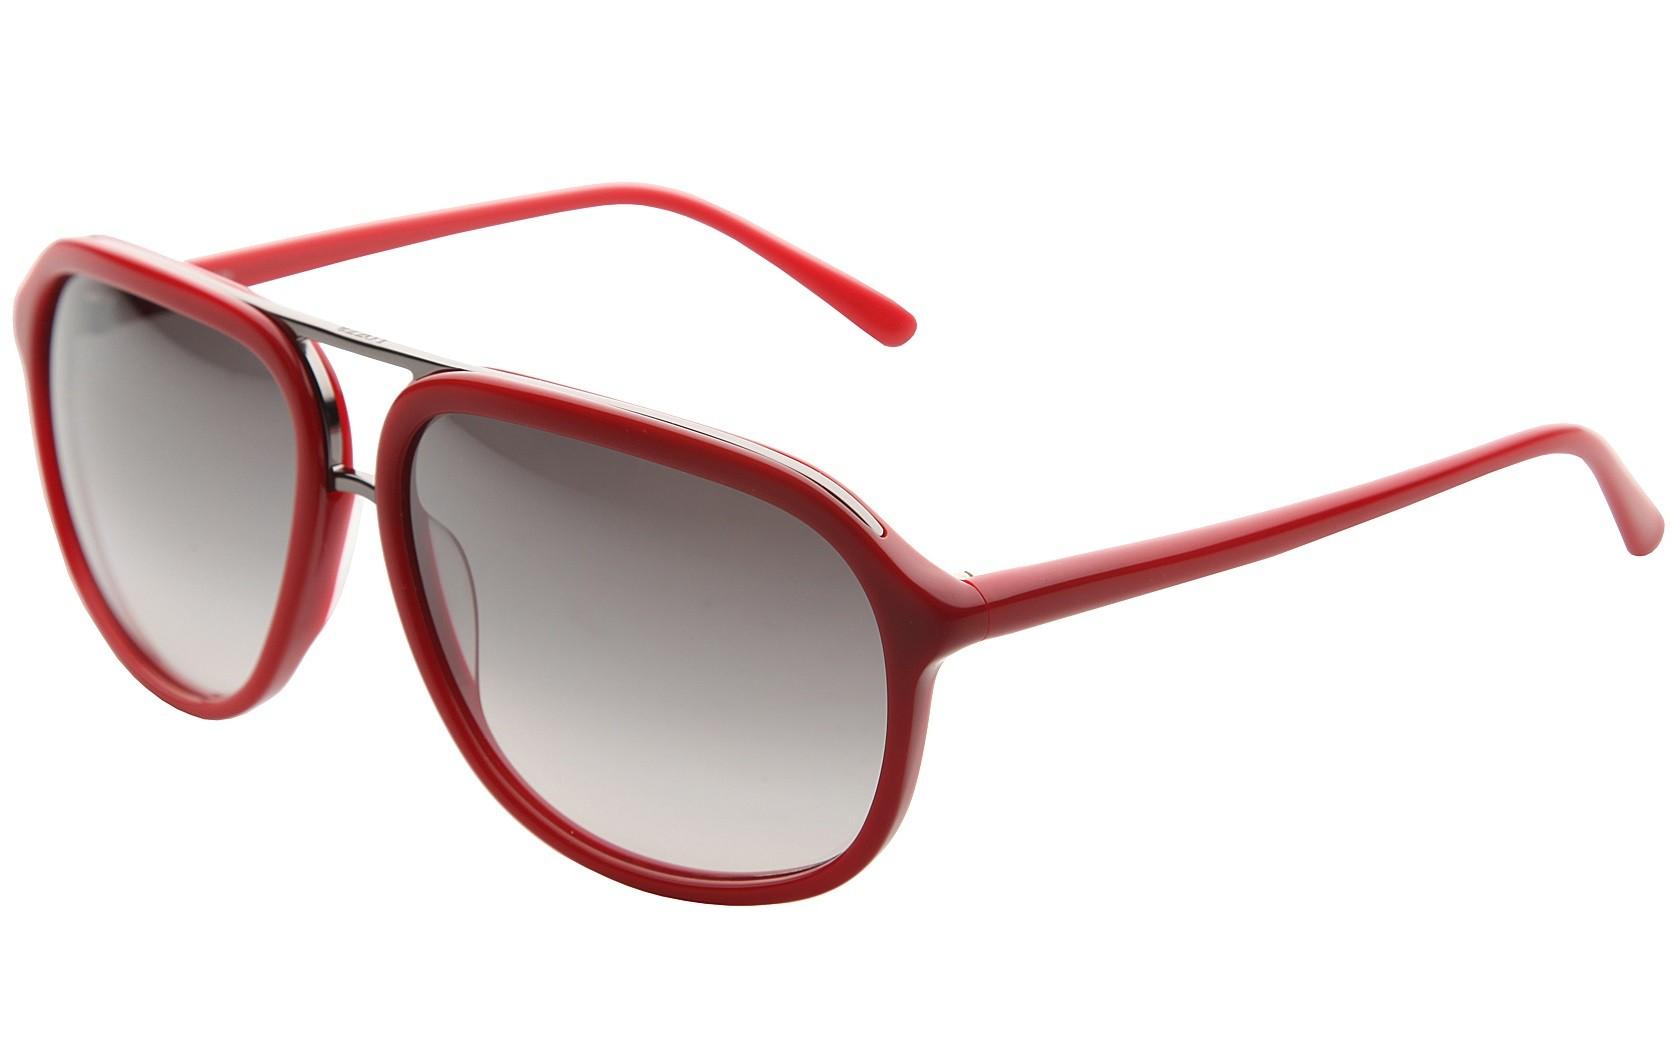 Sunglasses Lozza SL1866 5909FA Rf600288